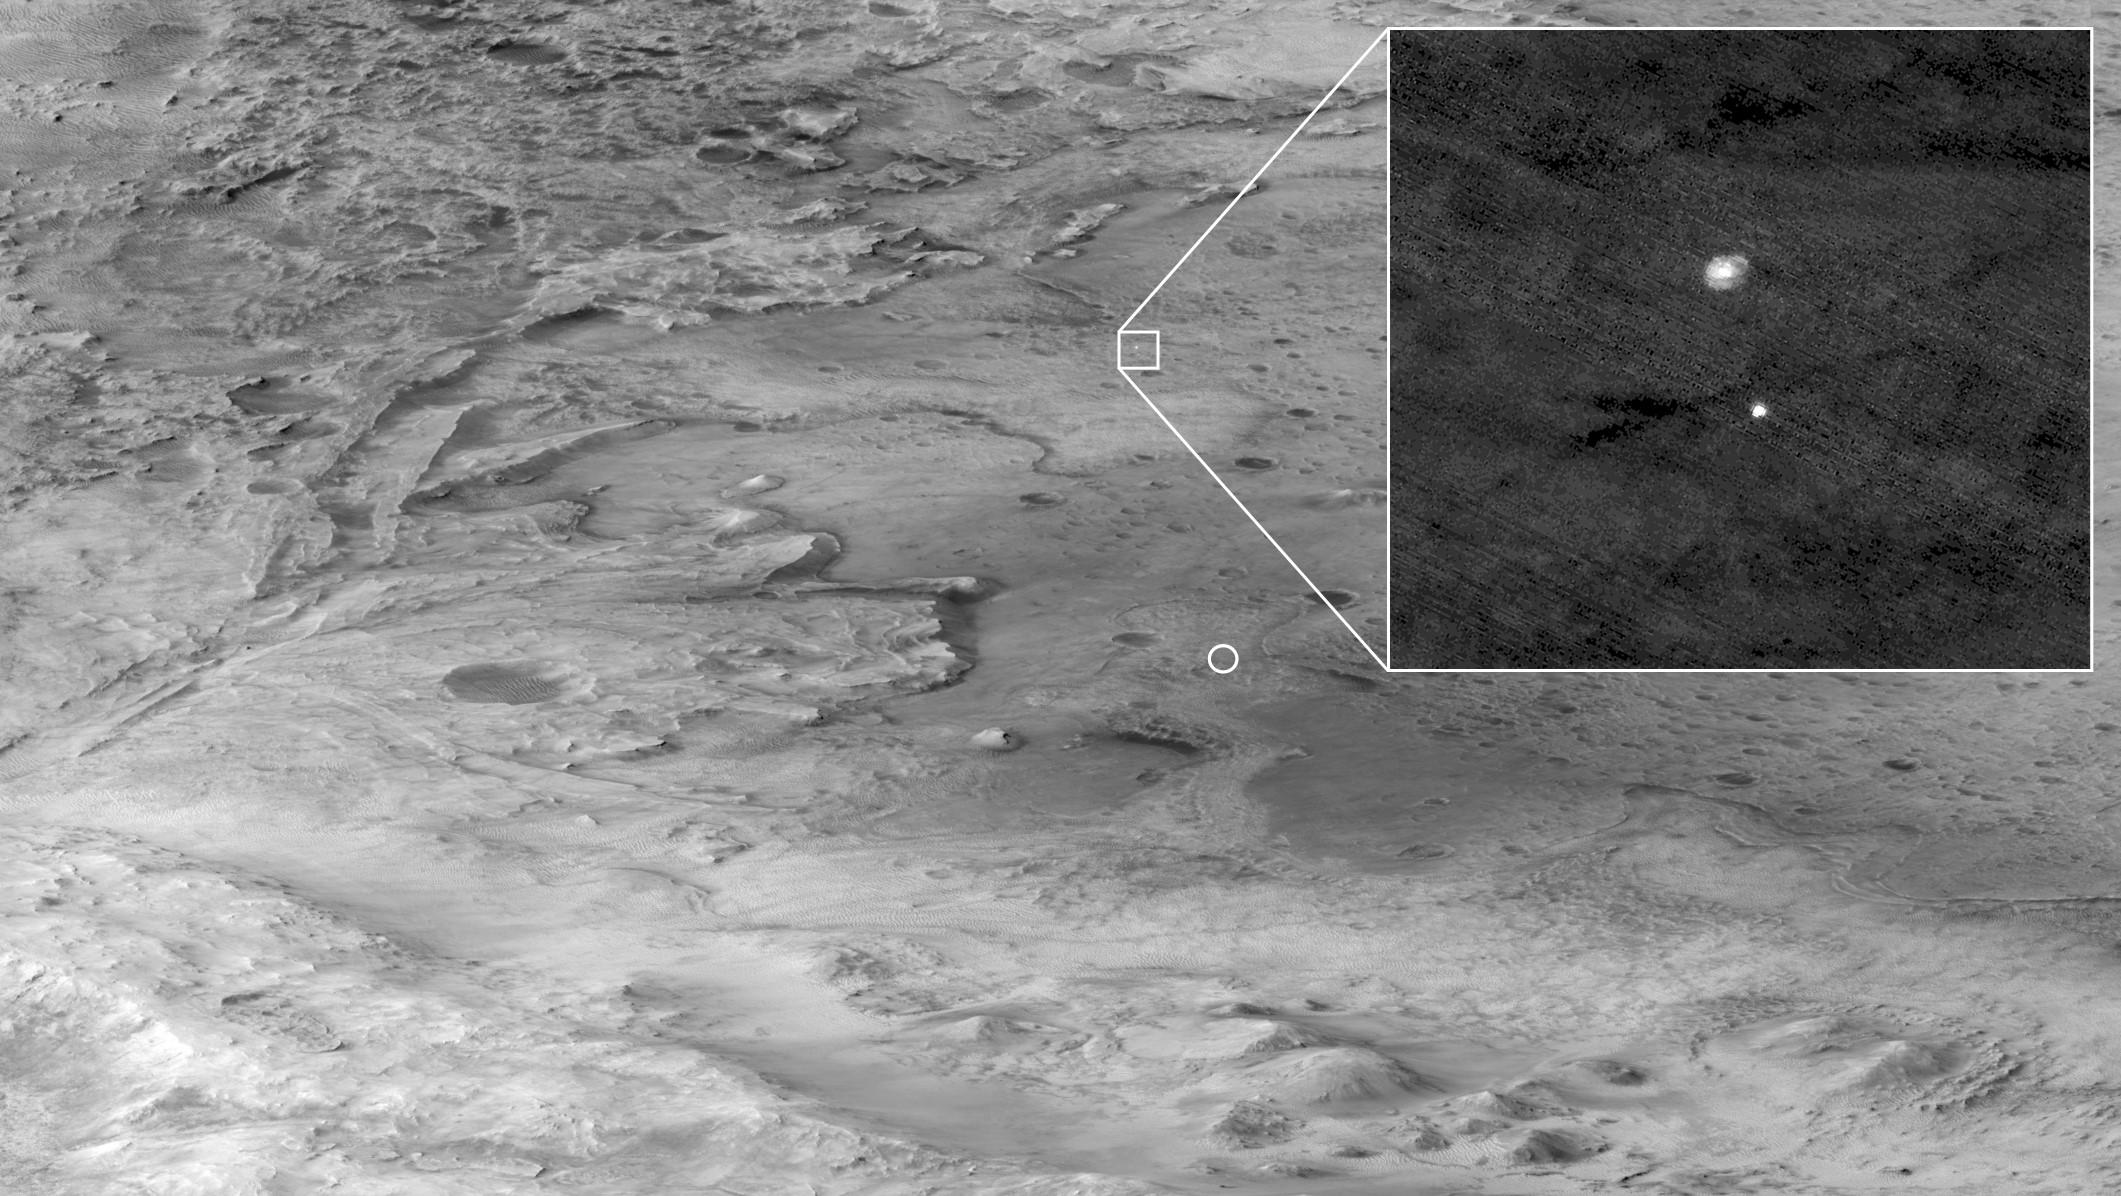 इस फोटो में पैराशूट के जरिए मंगल की सतह पर उतर रहा रोवर दिखाई दे रहा है। यह लैंडिंग के दौरान सबसे मुश्किल स्टेज होती है।